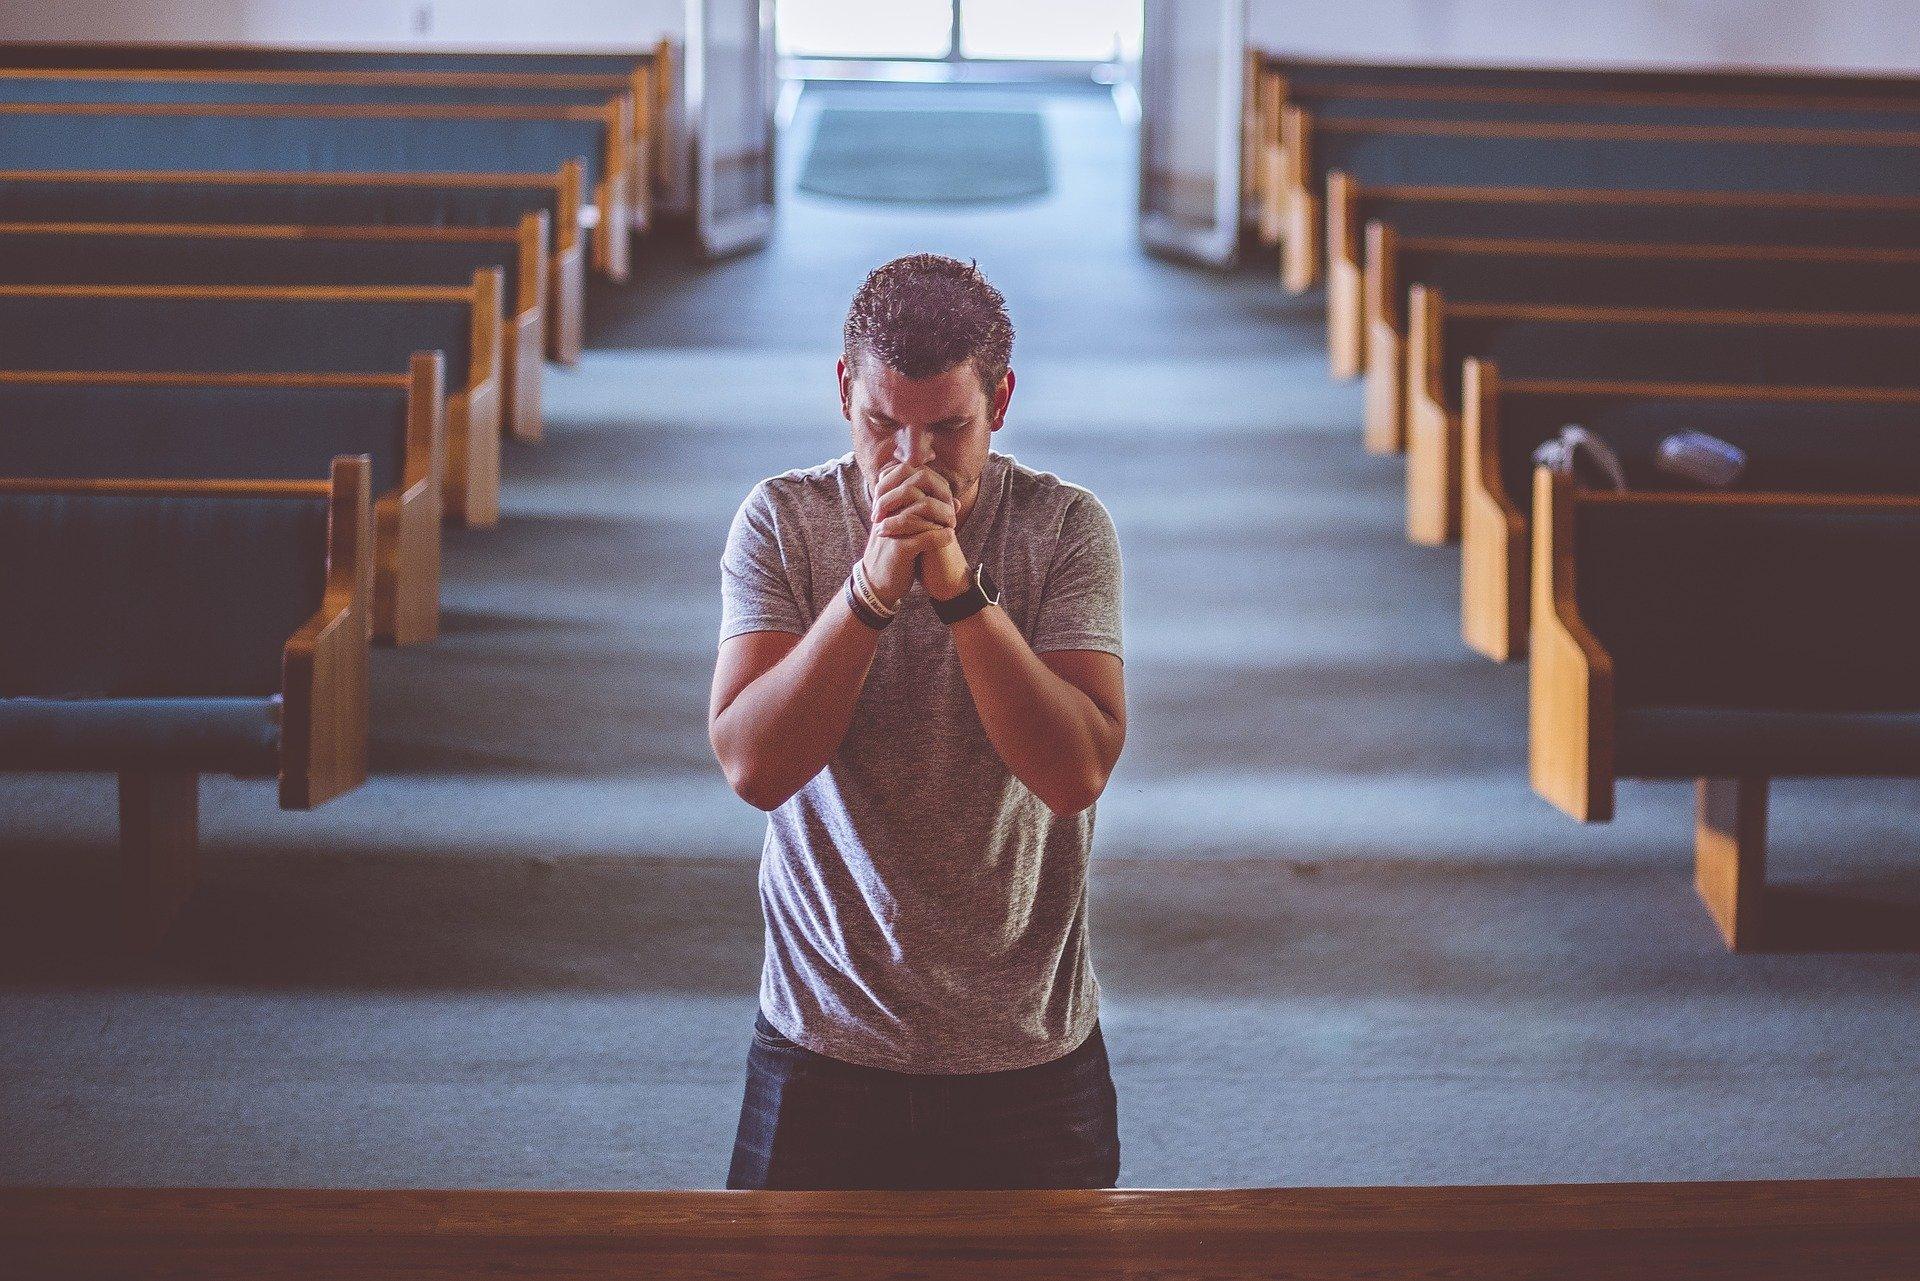 man 2179326 1920 - 10 hábitos diarios para acercarnos a Dios